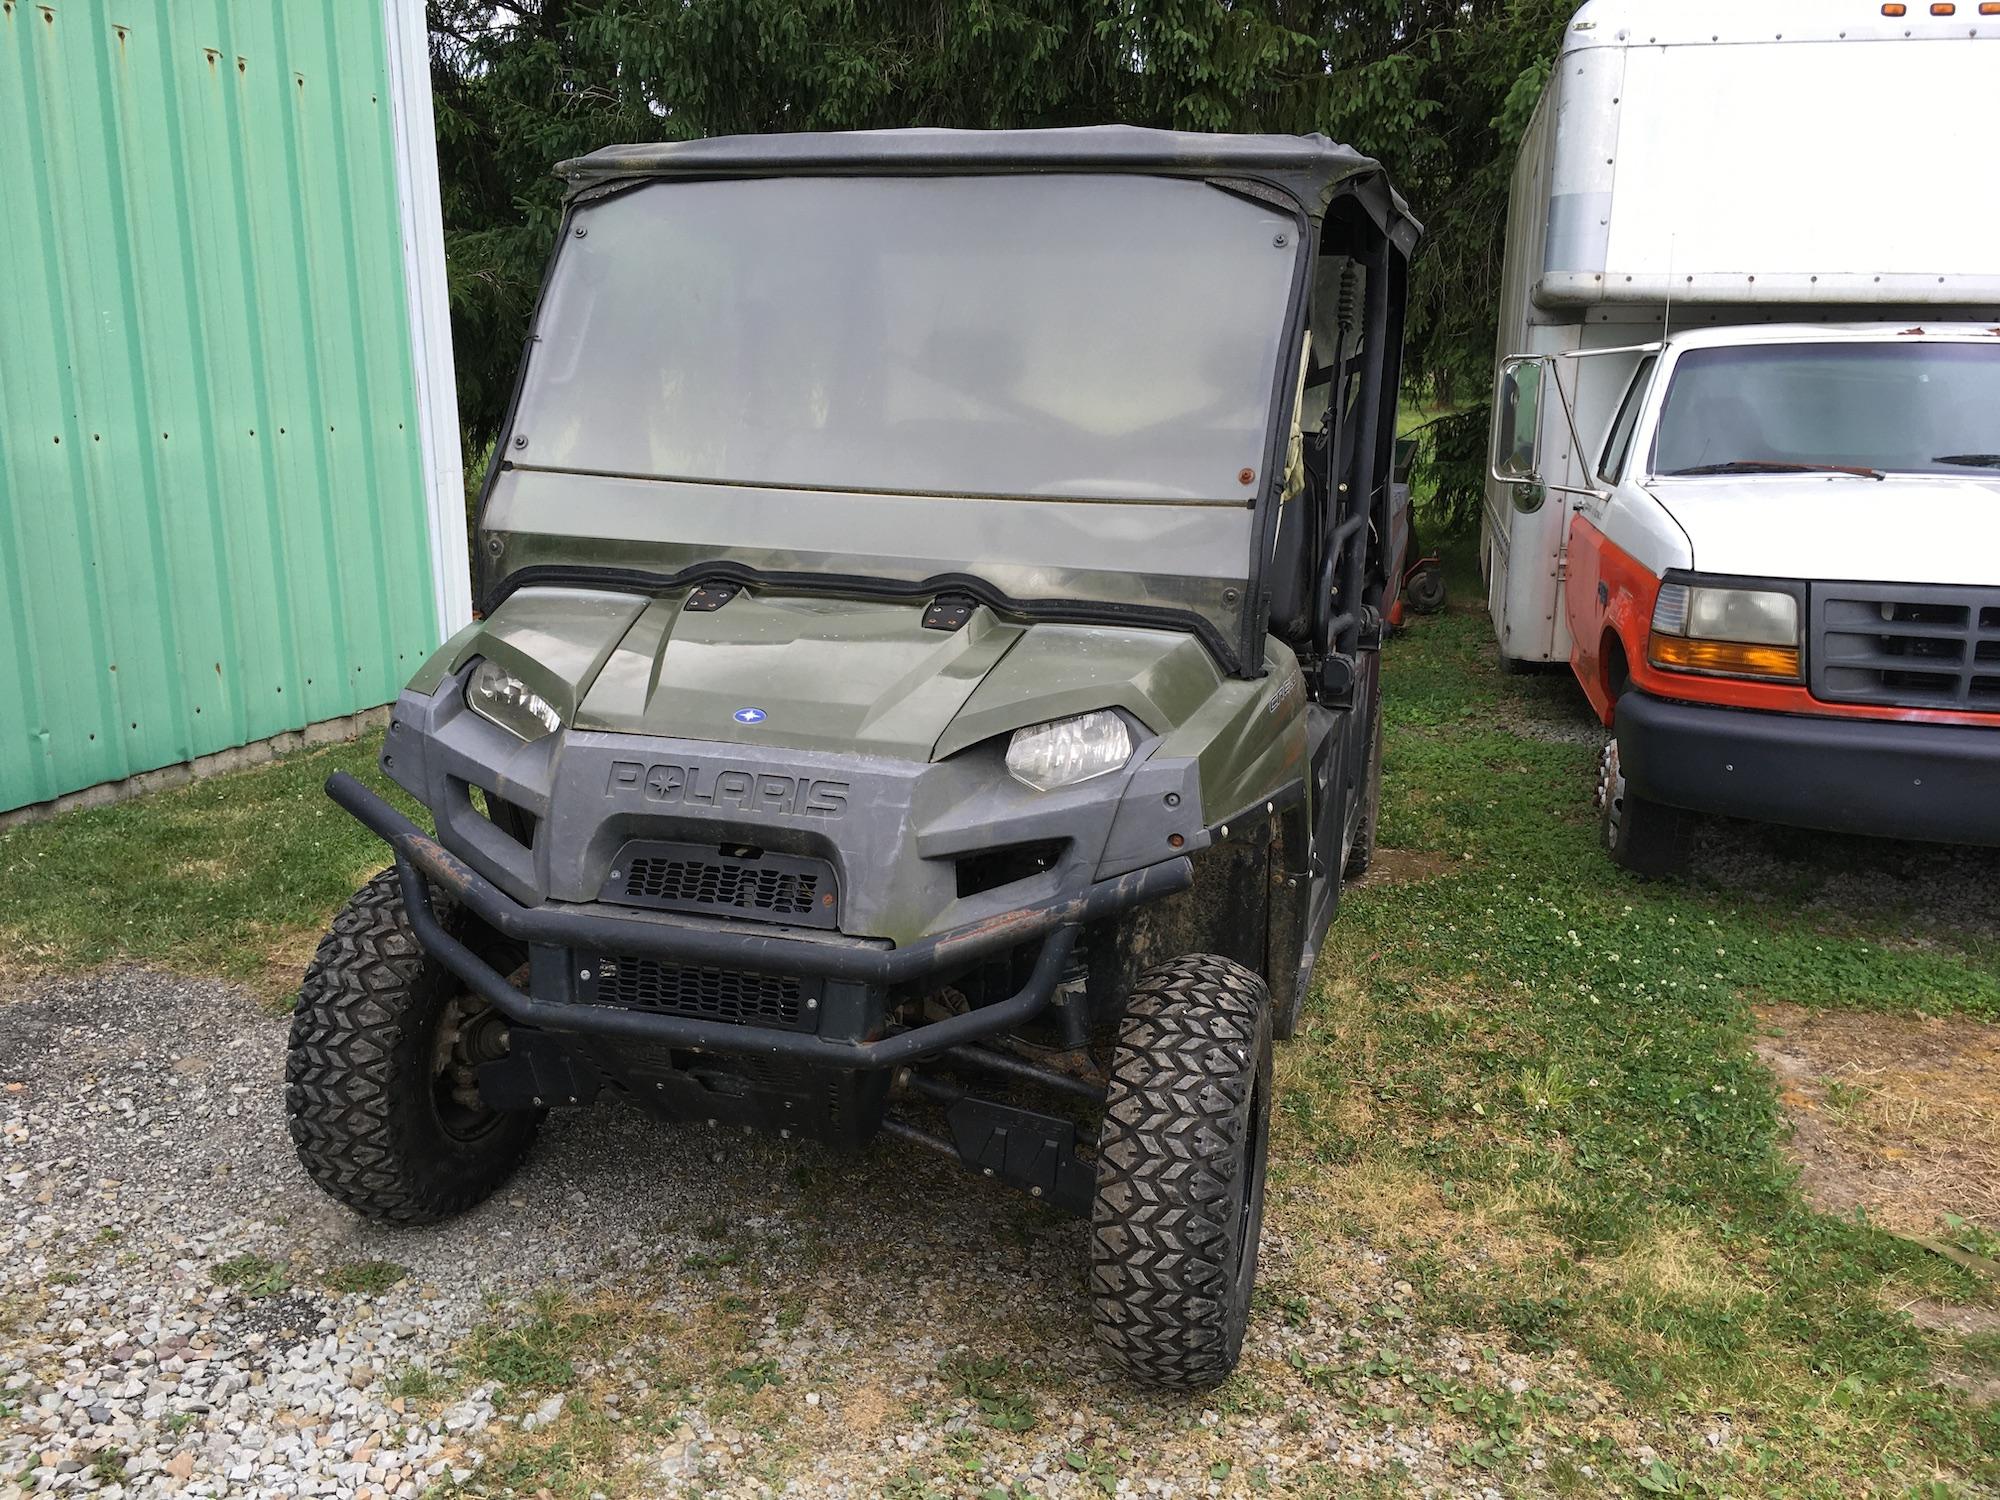 Polaris-800-Utility-Vehicle-2